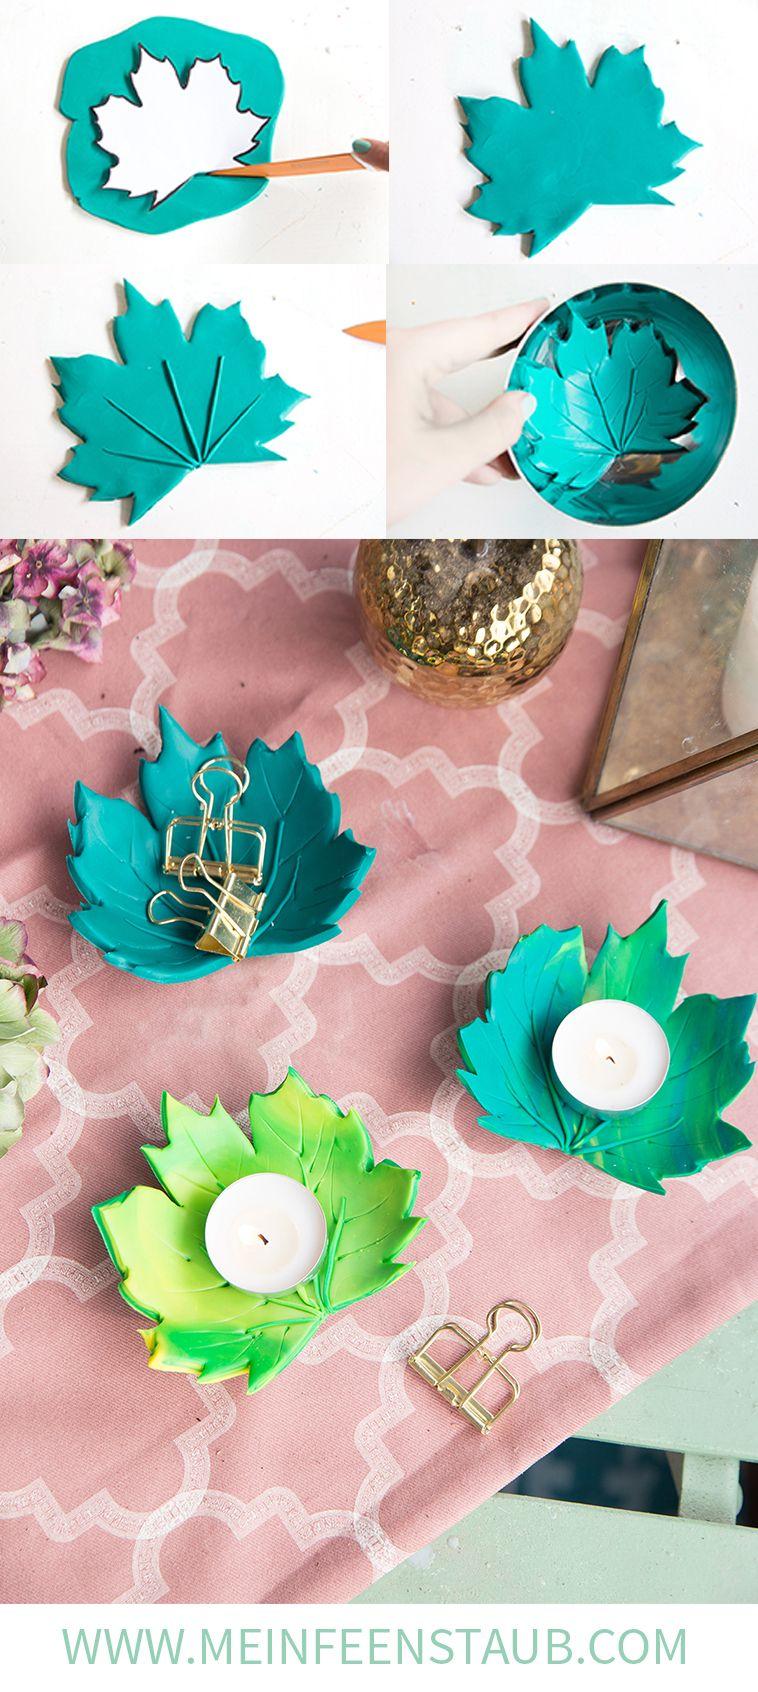 DIY: Herbstliche Blätter-Teelichthalter aus FIMO | mein feenstaub